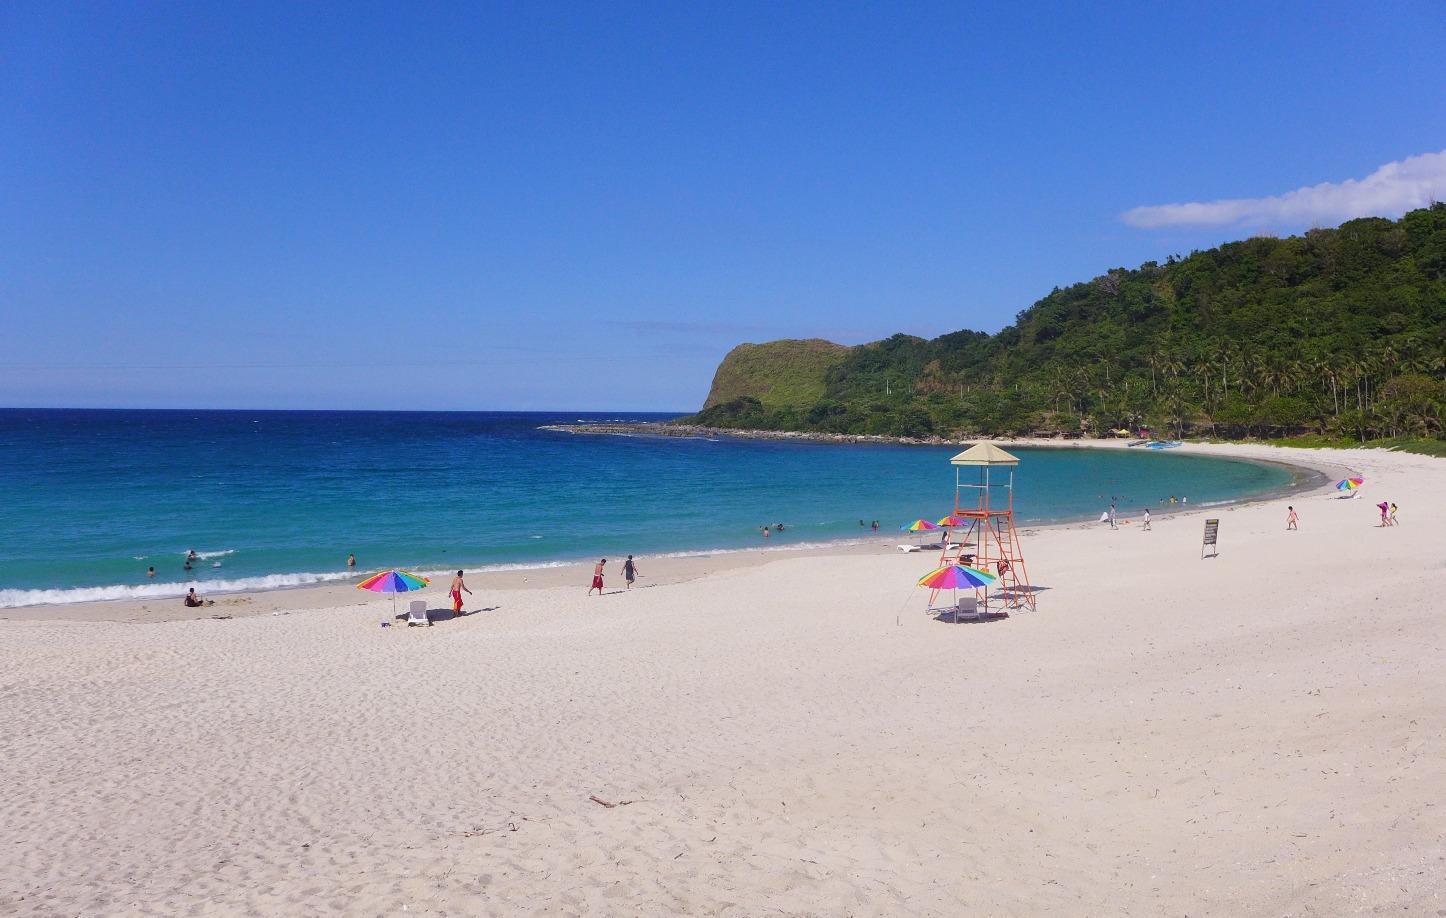 Weekend in Ilocos